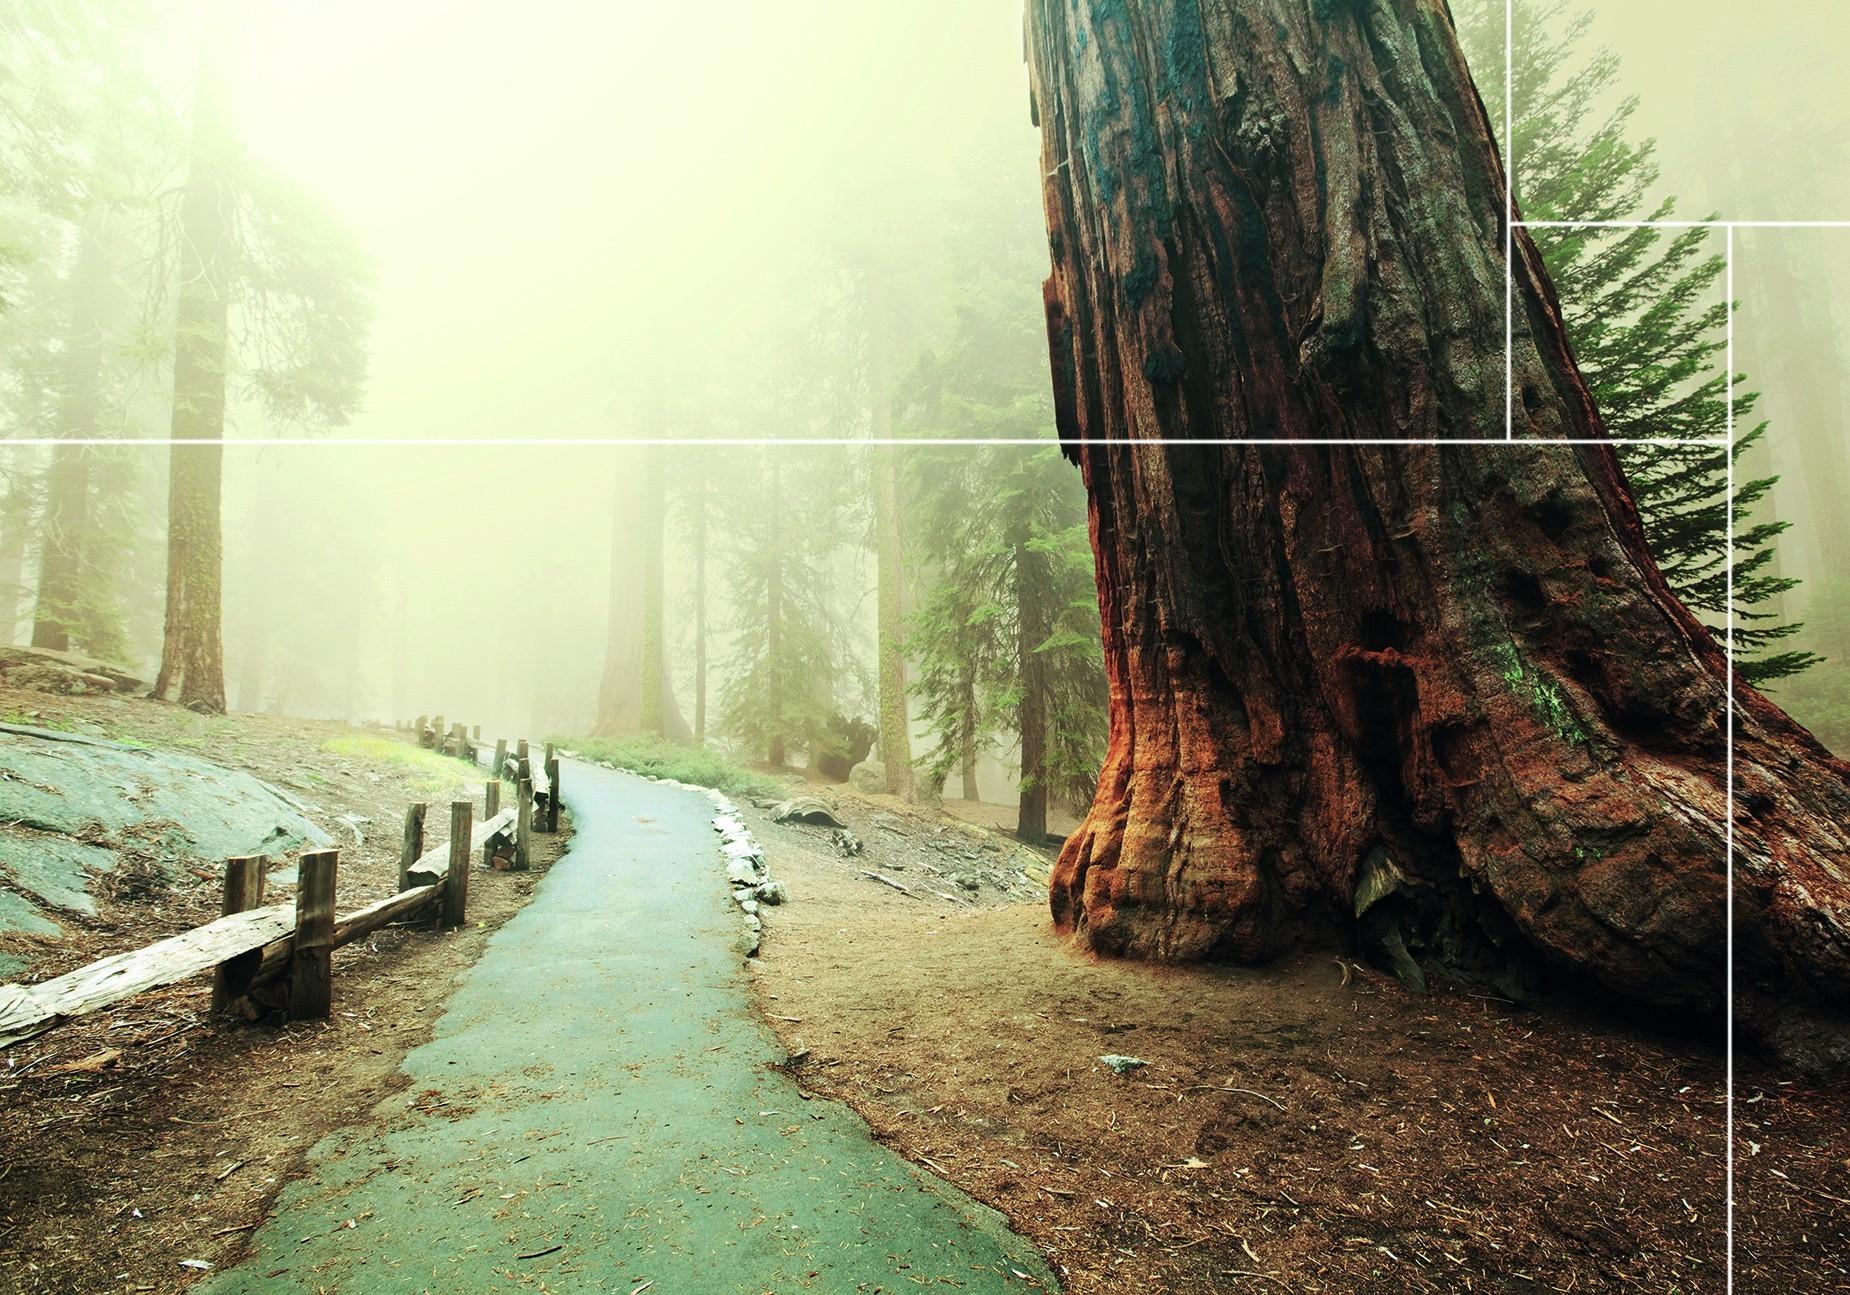 Bekijk hier de wood panels van de Sequoia woods collectie |Nature@home